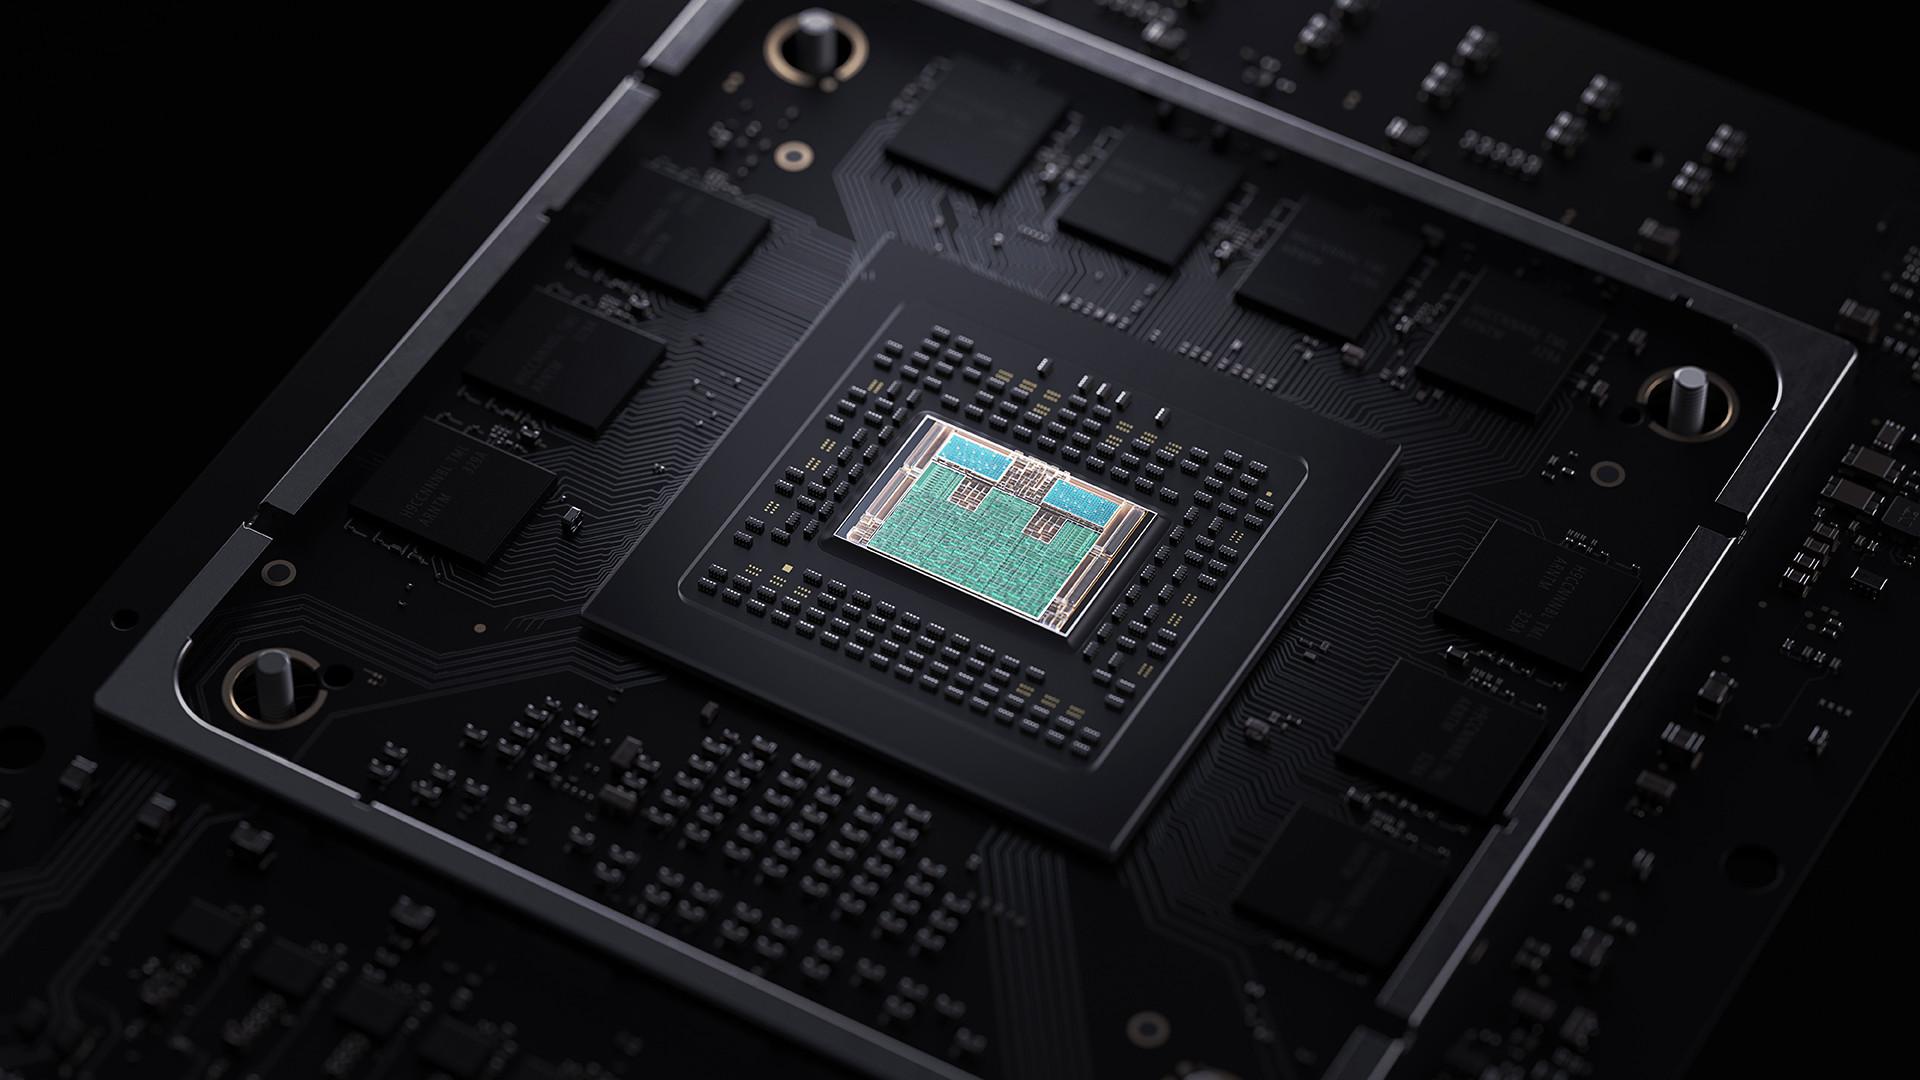 Xbox X Series grafikoen iturburu kodea lapurtu zaie.  100 milioi dolar eskatu ziren, baina AMDk ez zuen ordaindu